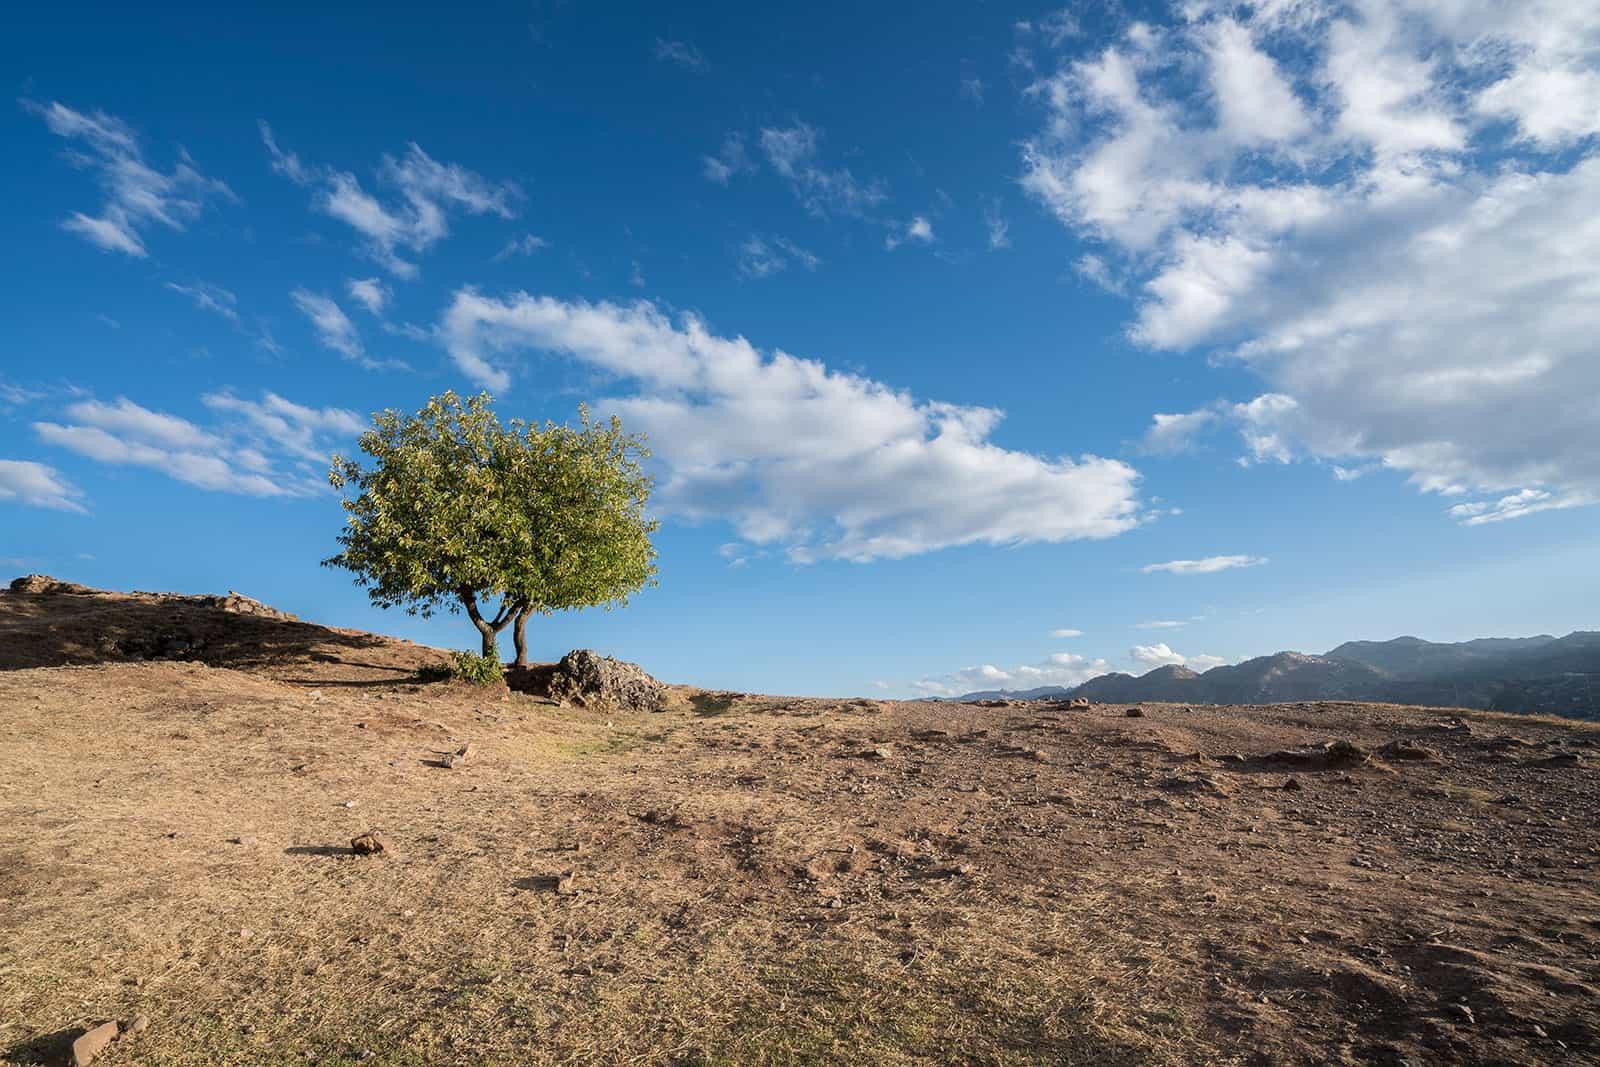 Baum auf Berg